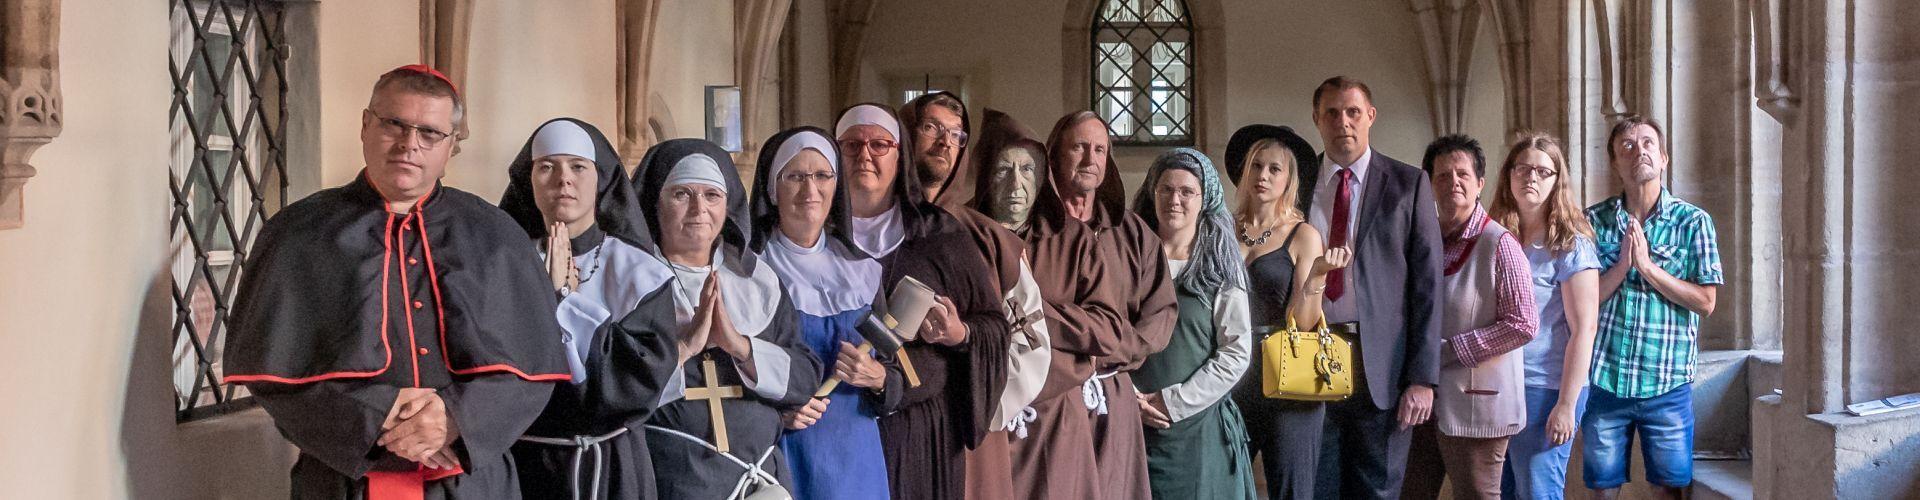 Klosterfraunarzissengeist